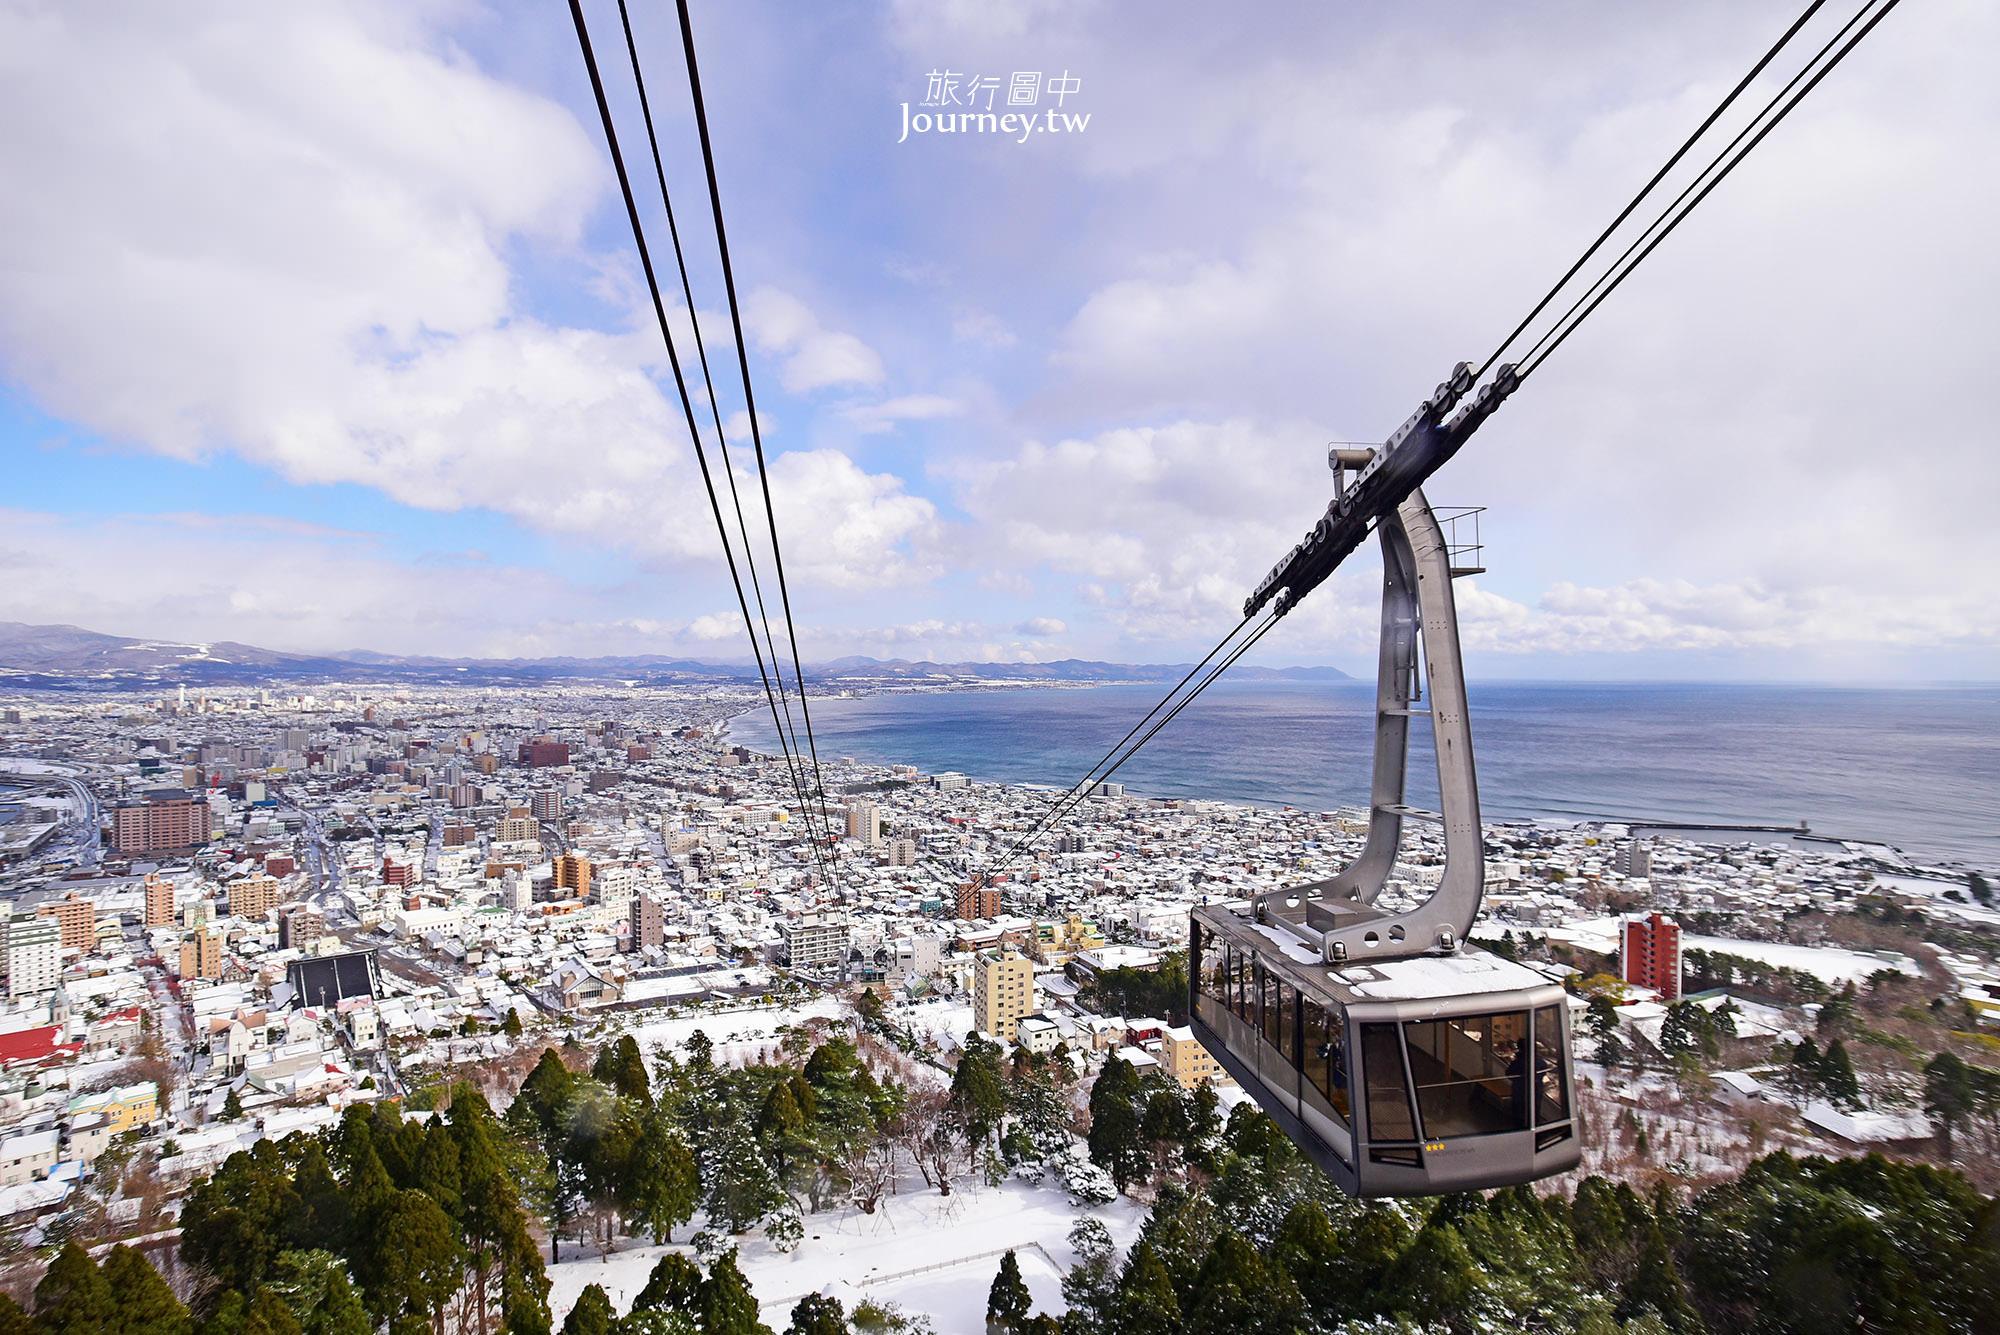 日本,北海道,函館,函館山